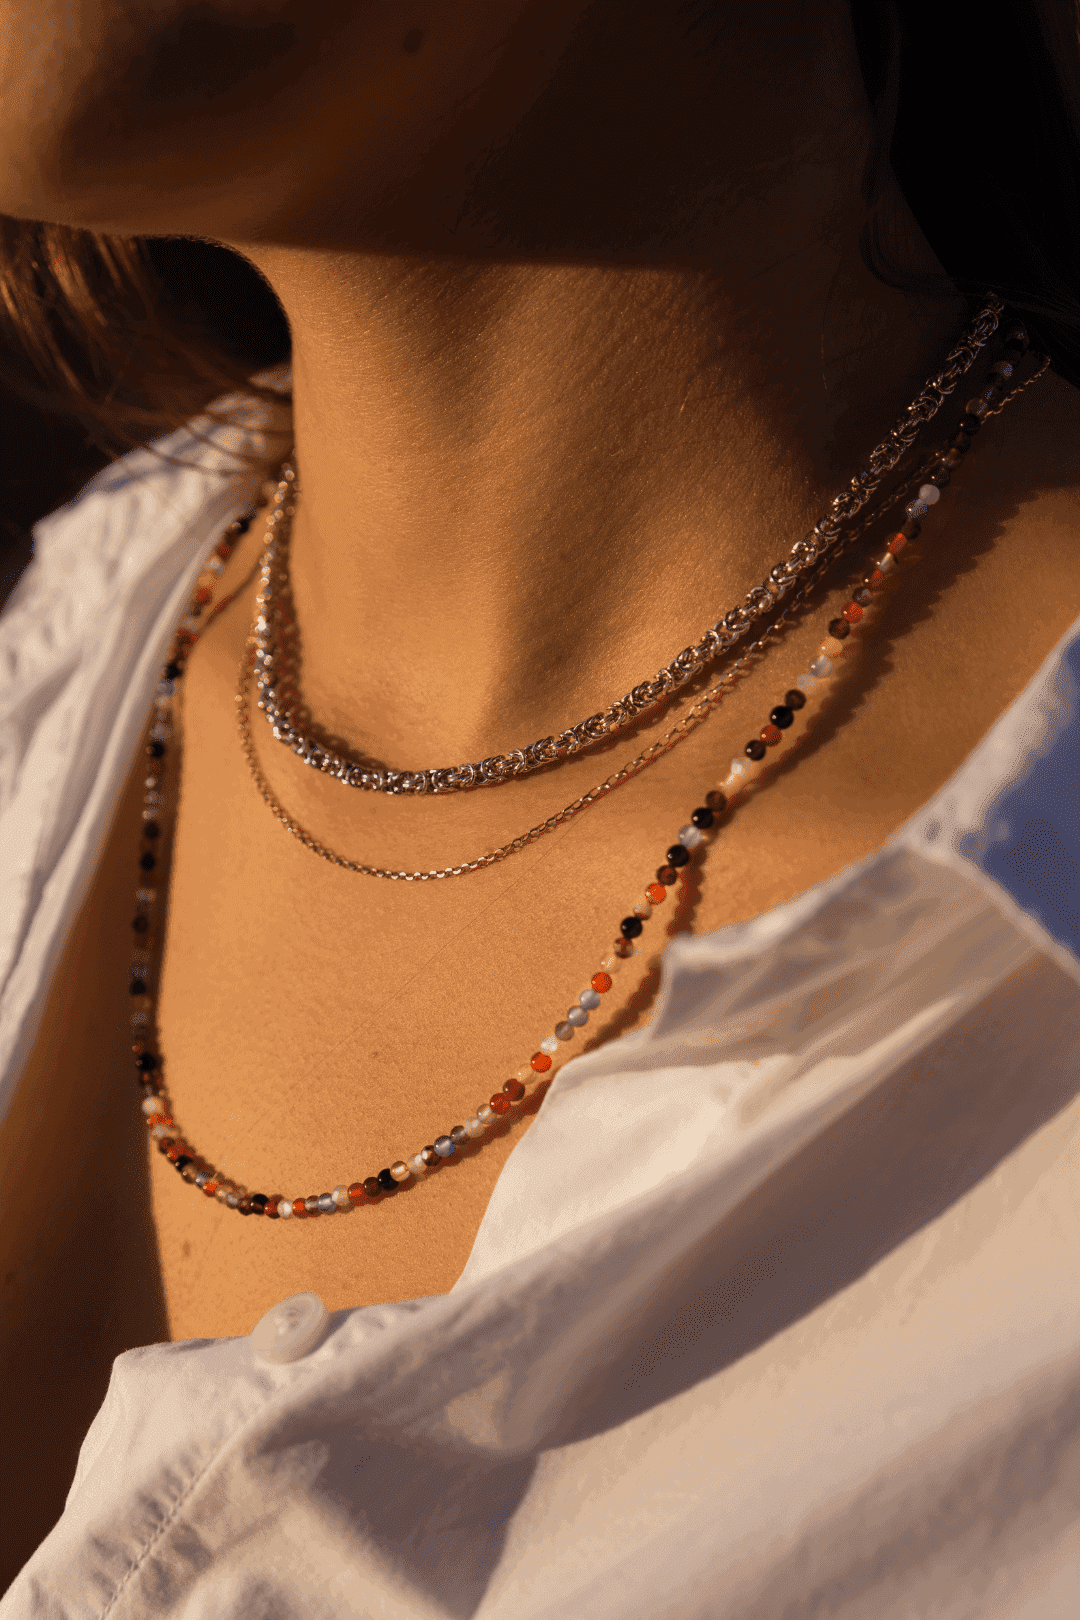 Modelka prezentuje na sobie zestaw naszyjników z kamienii kolorowych, złota i srebra